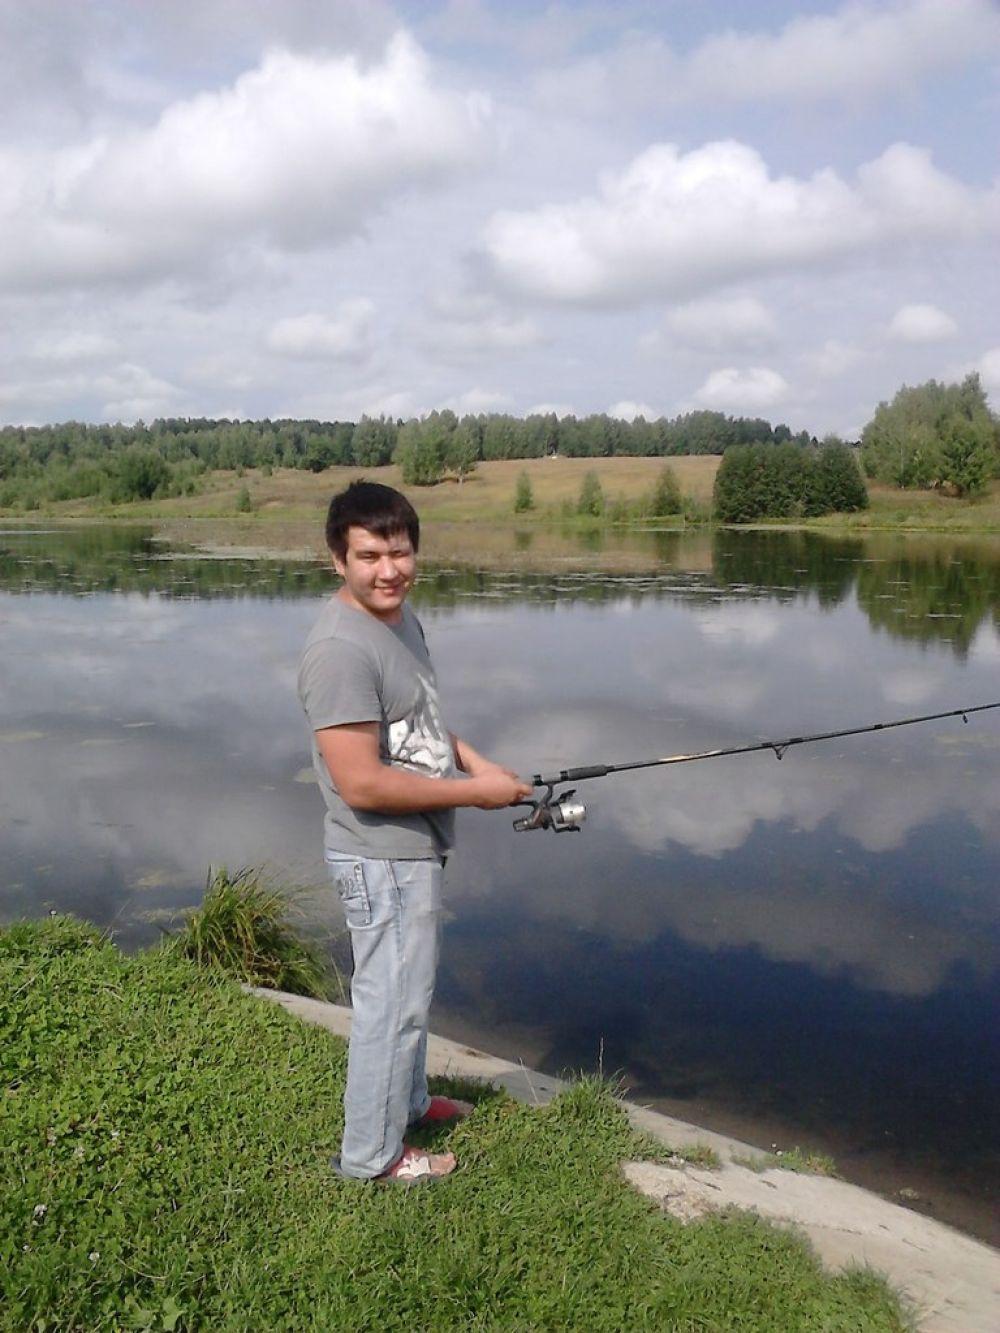 Рустем Хабибуллин на рыбалке в посёлке Шигали.